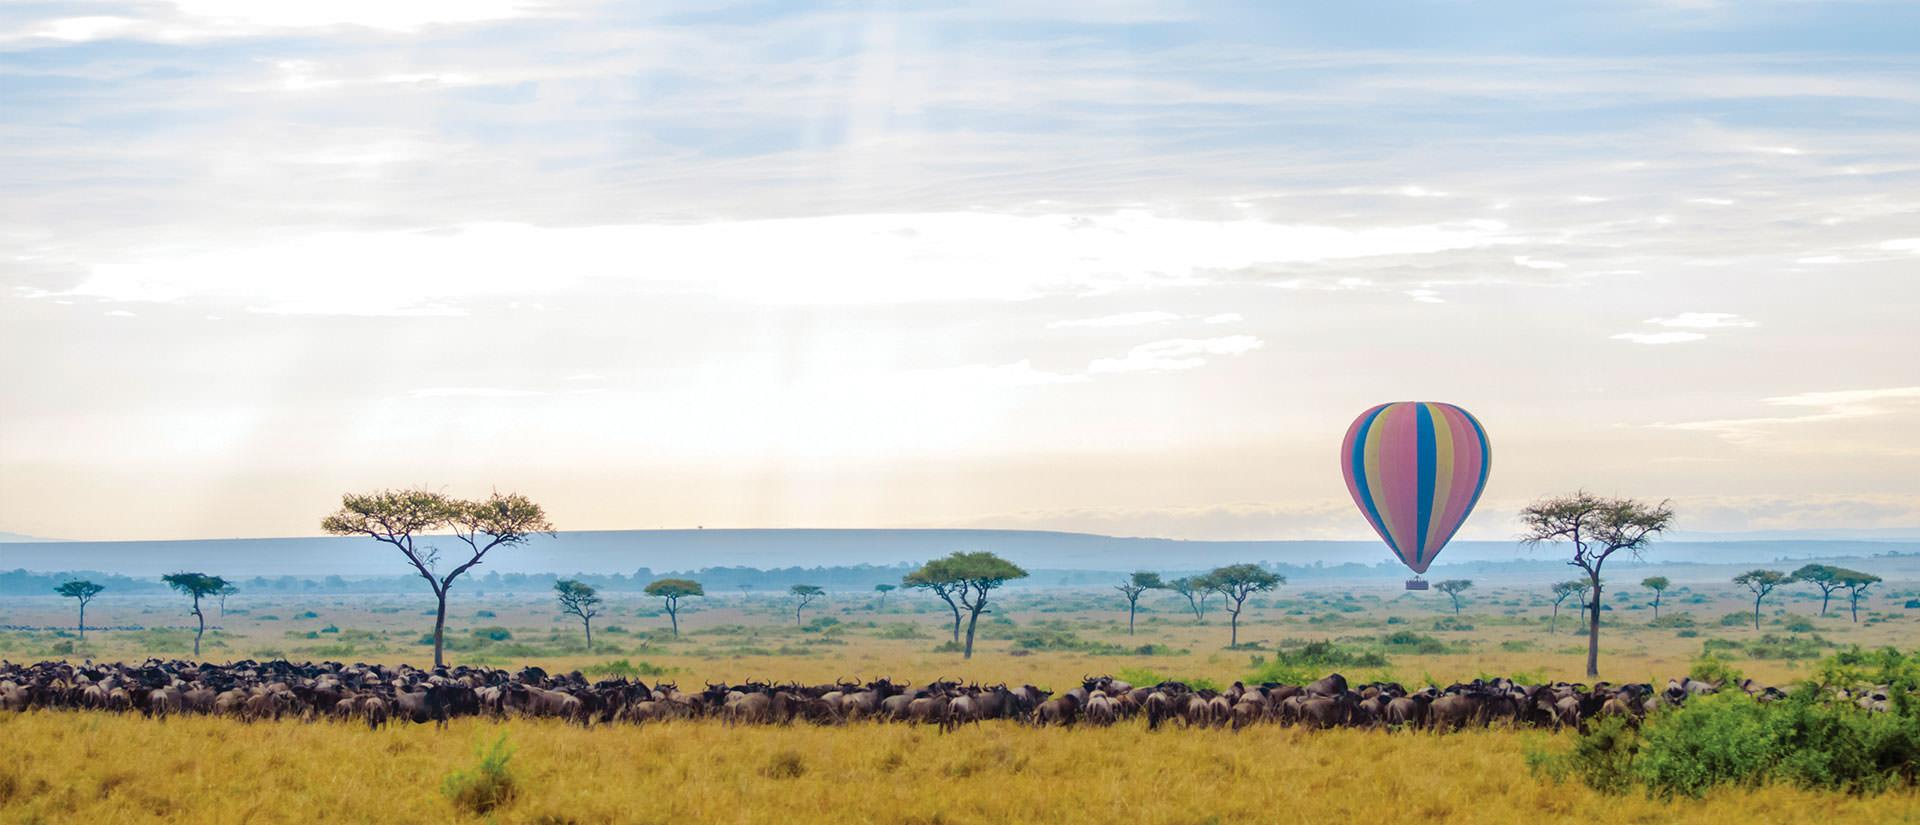 טיולים מאורגנים לקניה